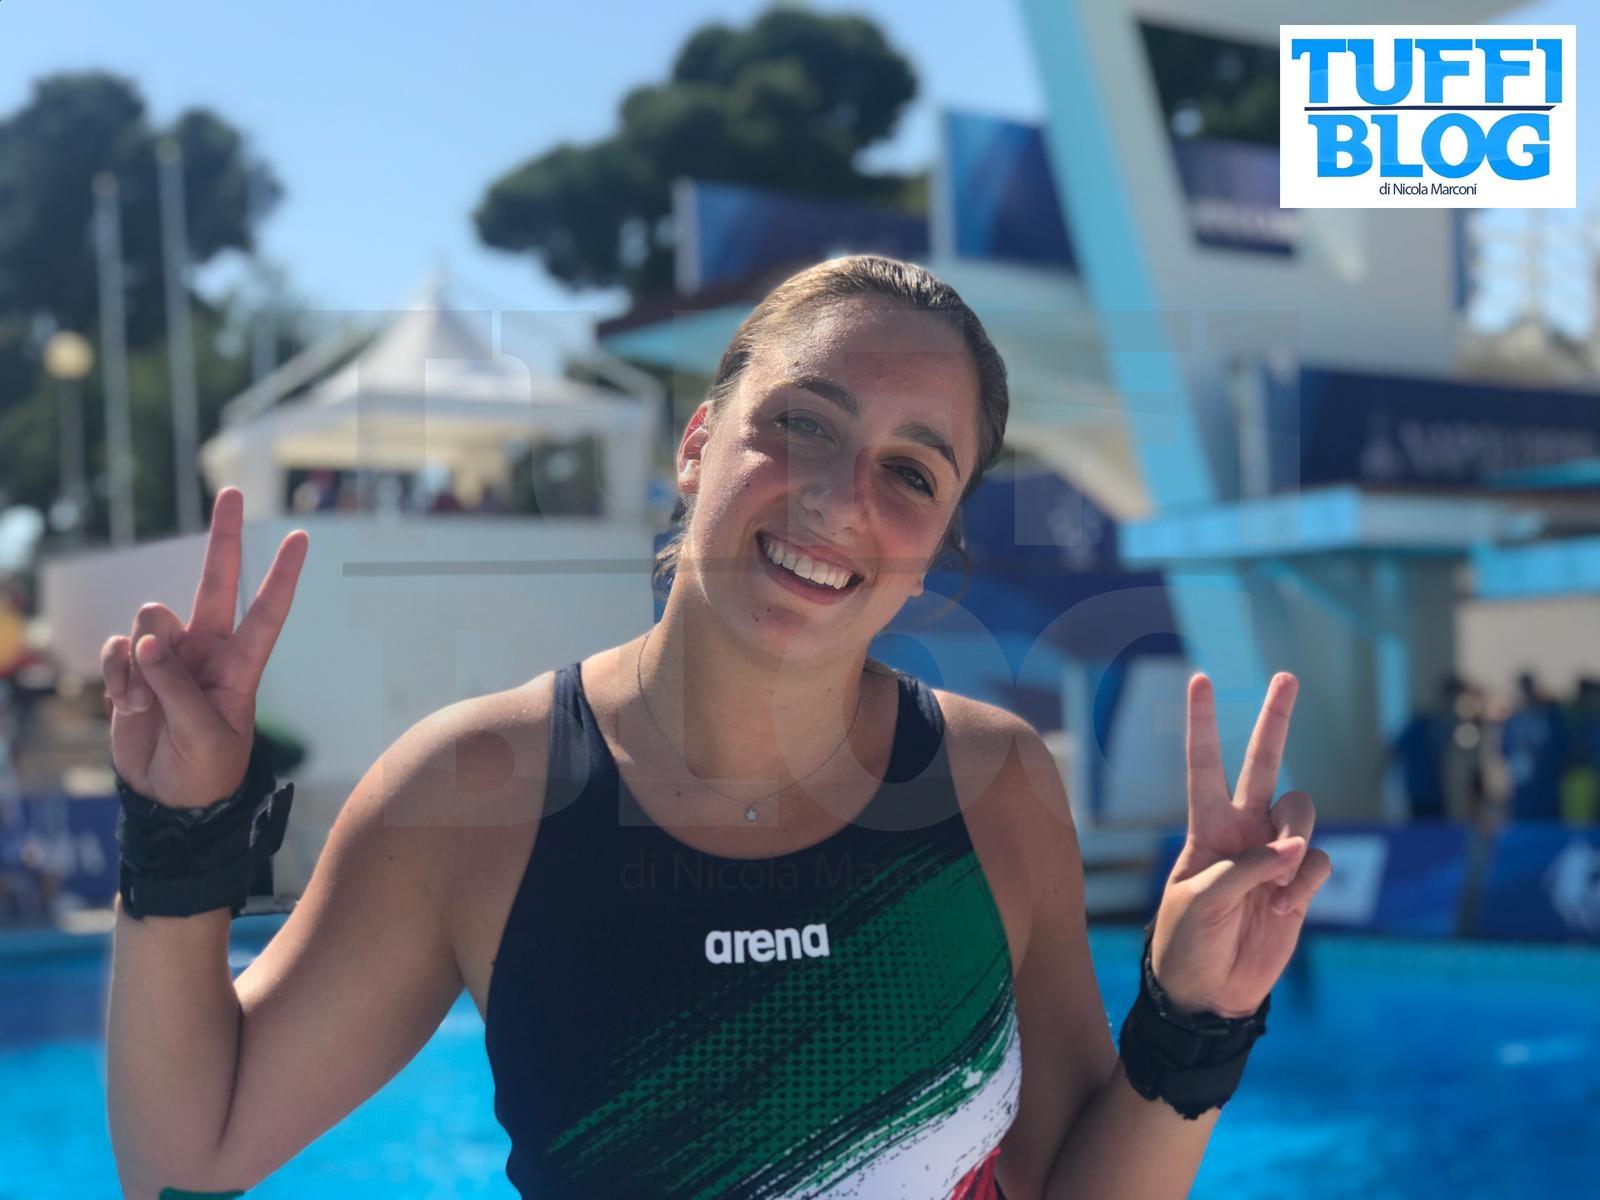 30ª Universiade: Napoli – 3a giornata, le altre finali: Pallotta ottava, Auber nono dopo il bronzo, Cosoli decimo